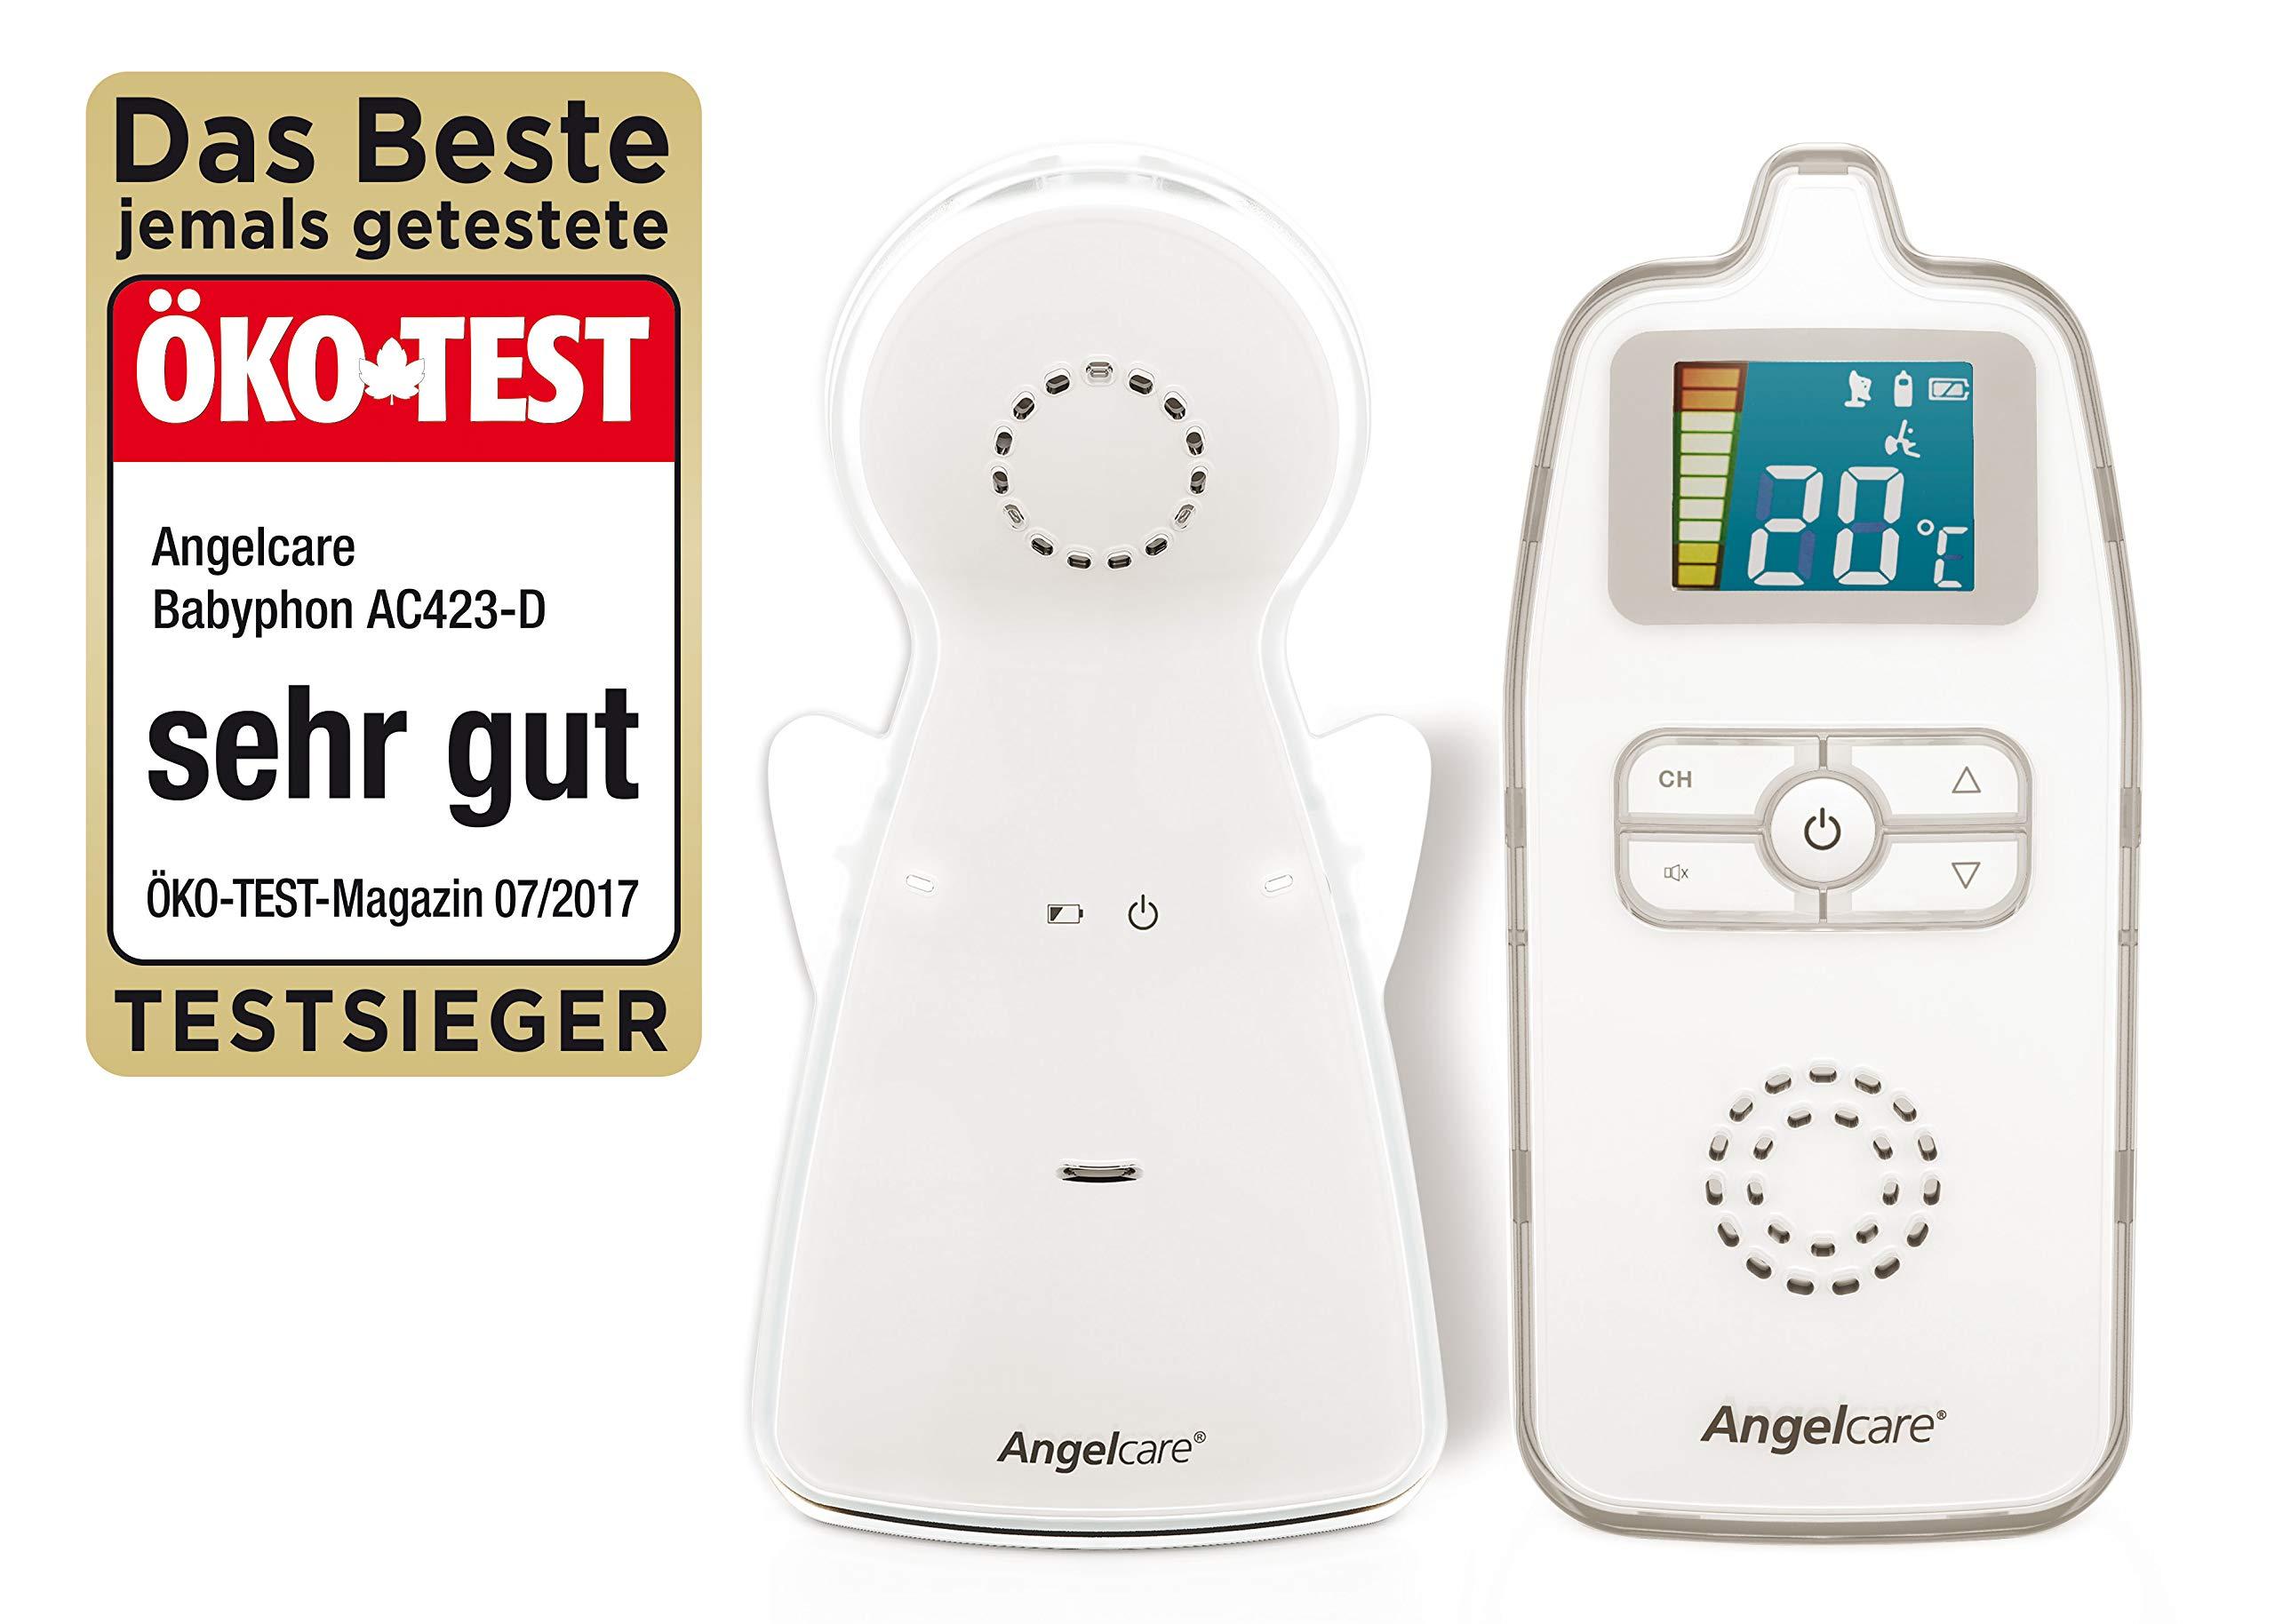 Angelcare AC423-D Audio Babyphone, Reichweite bis 250 m, Nachtlicht, weiß